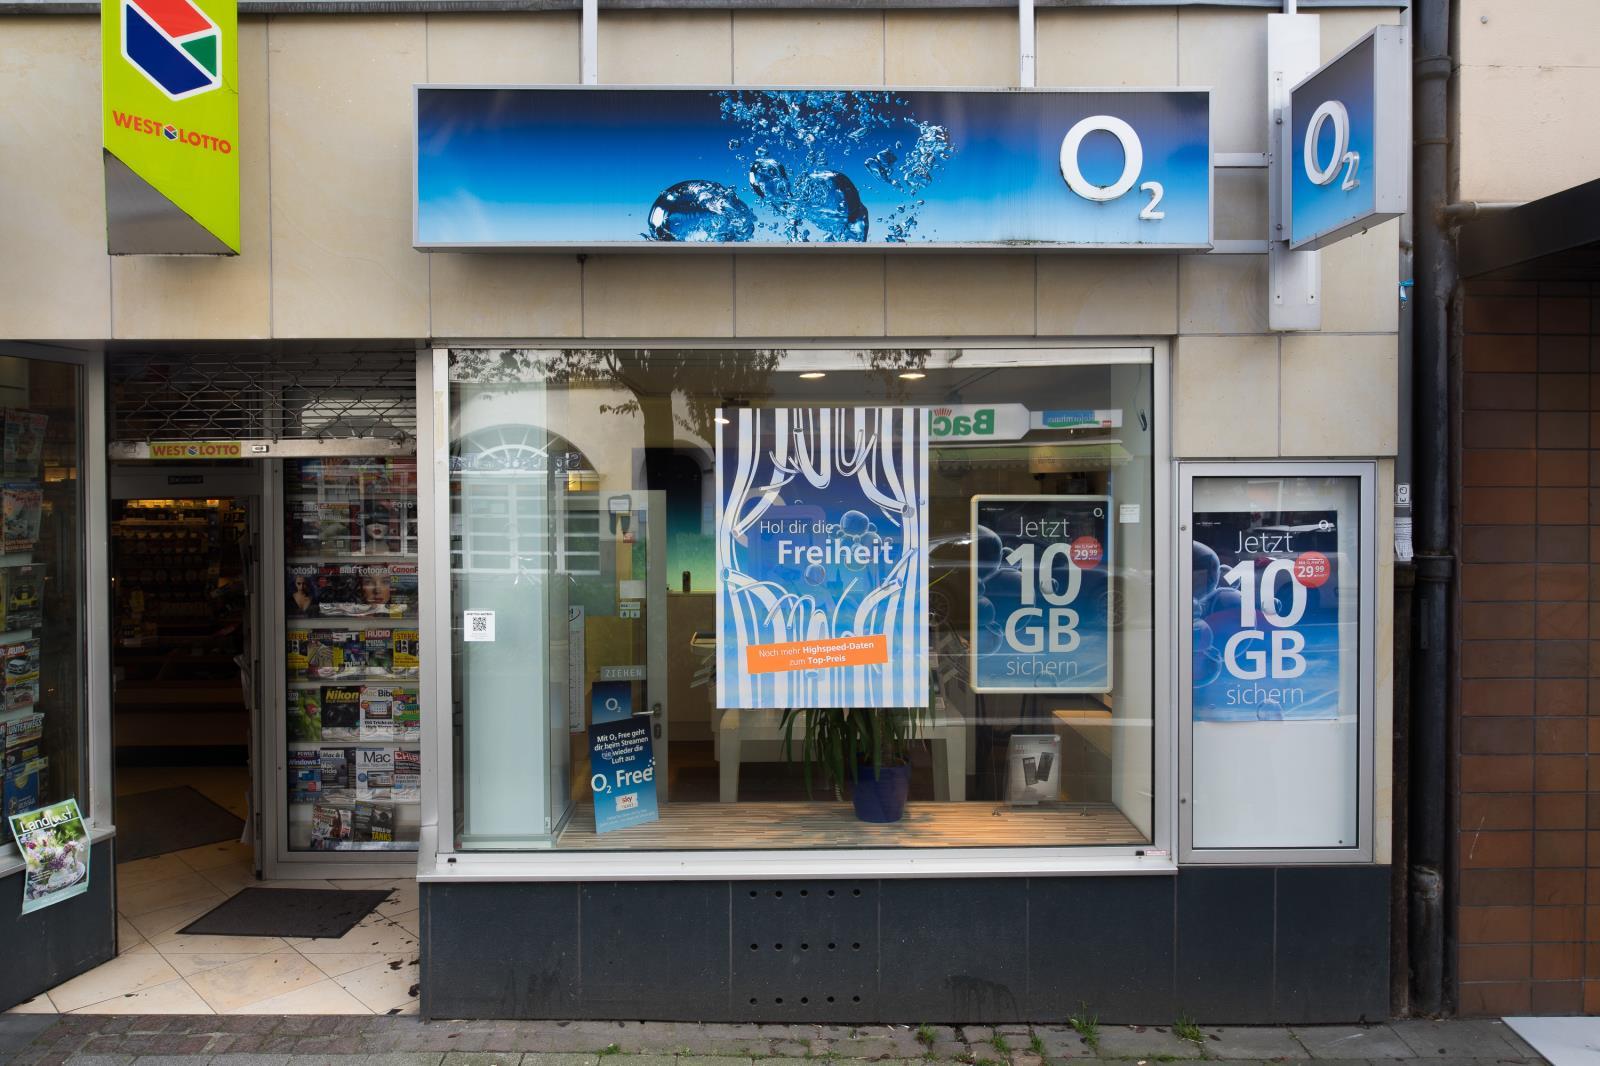 o2 Shop, Deutzer Freiheit 116 in Köln